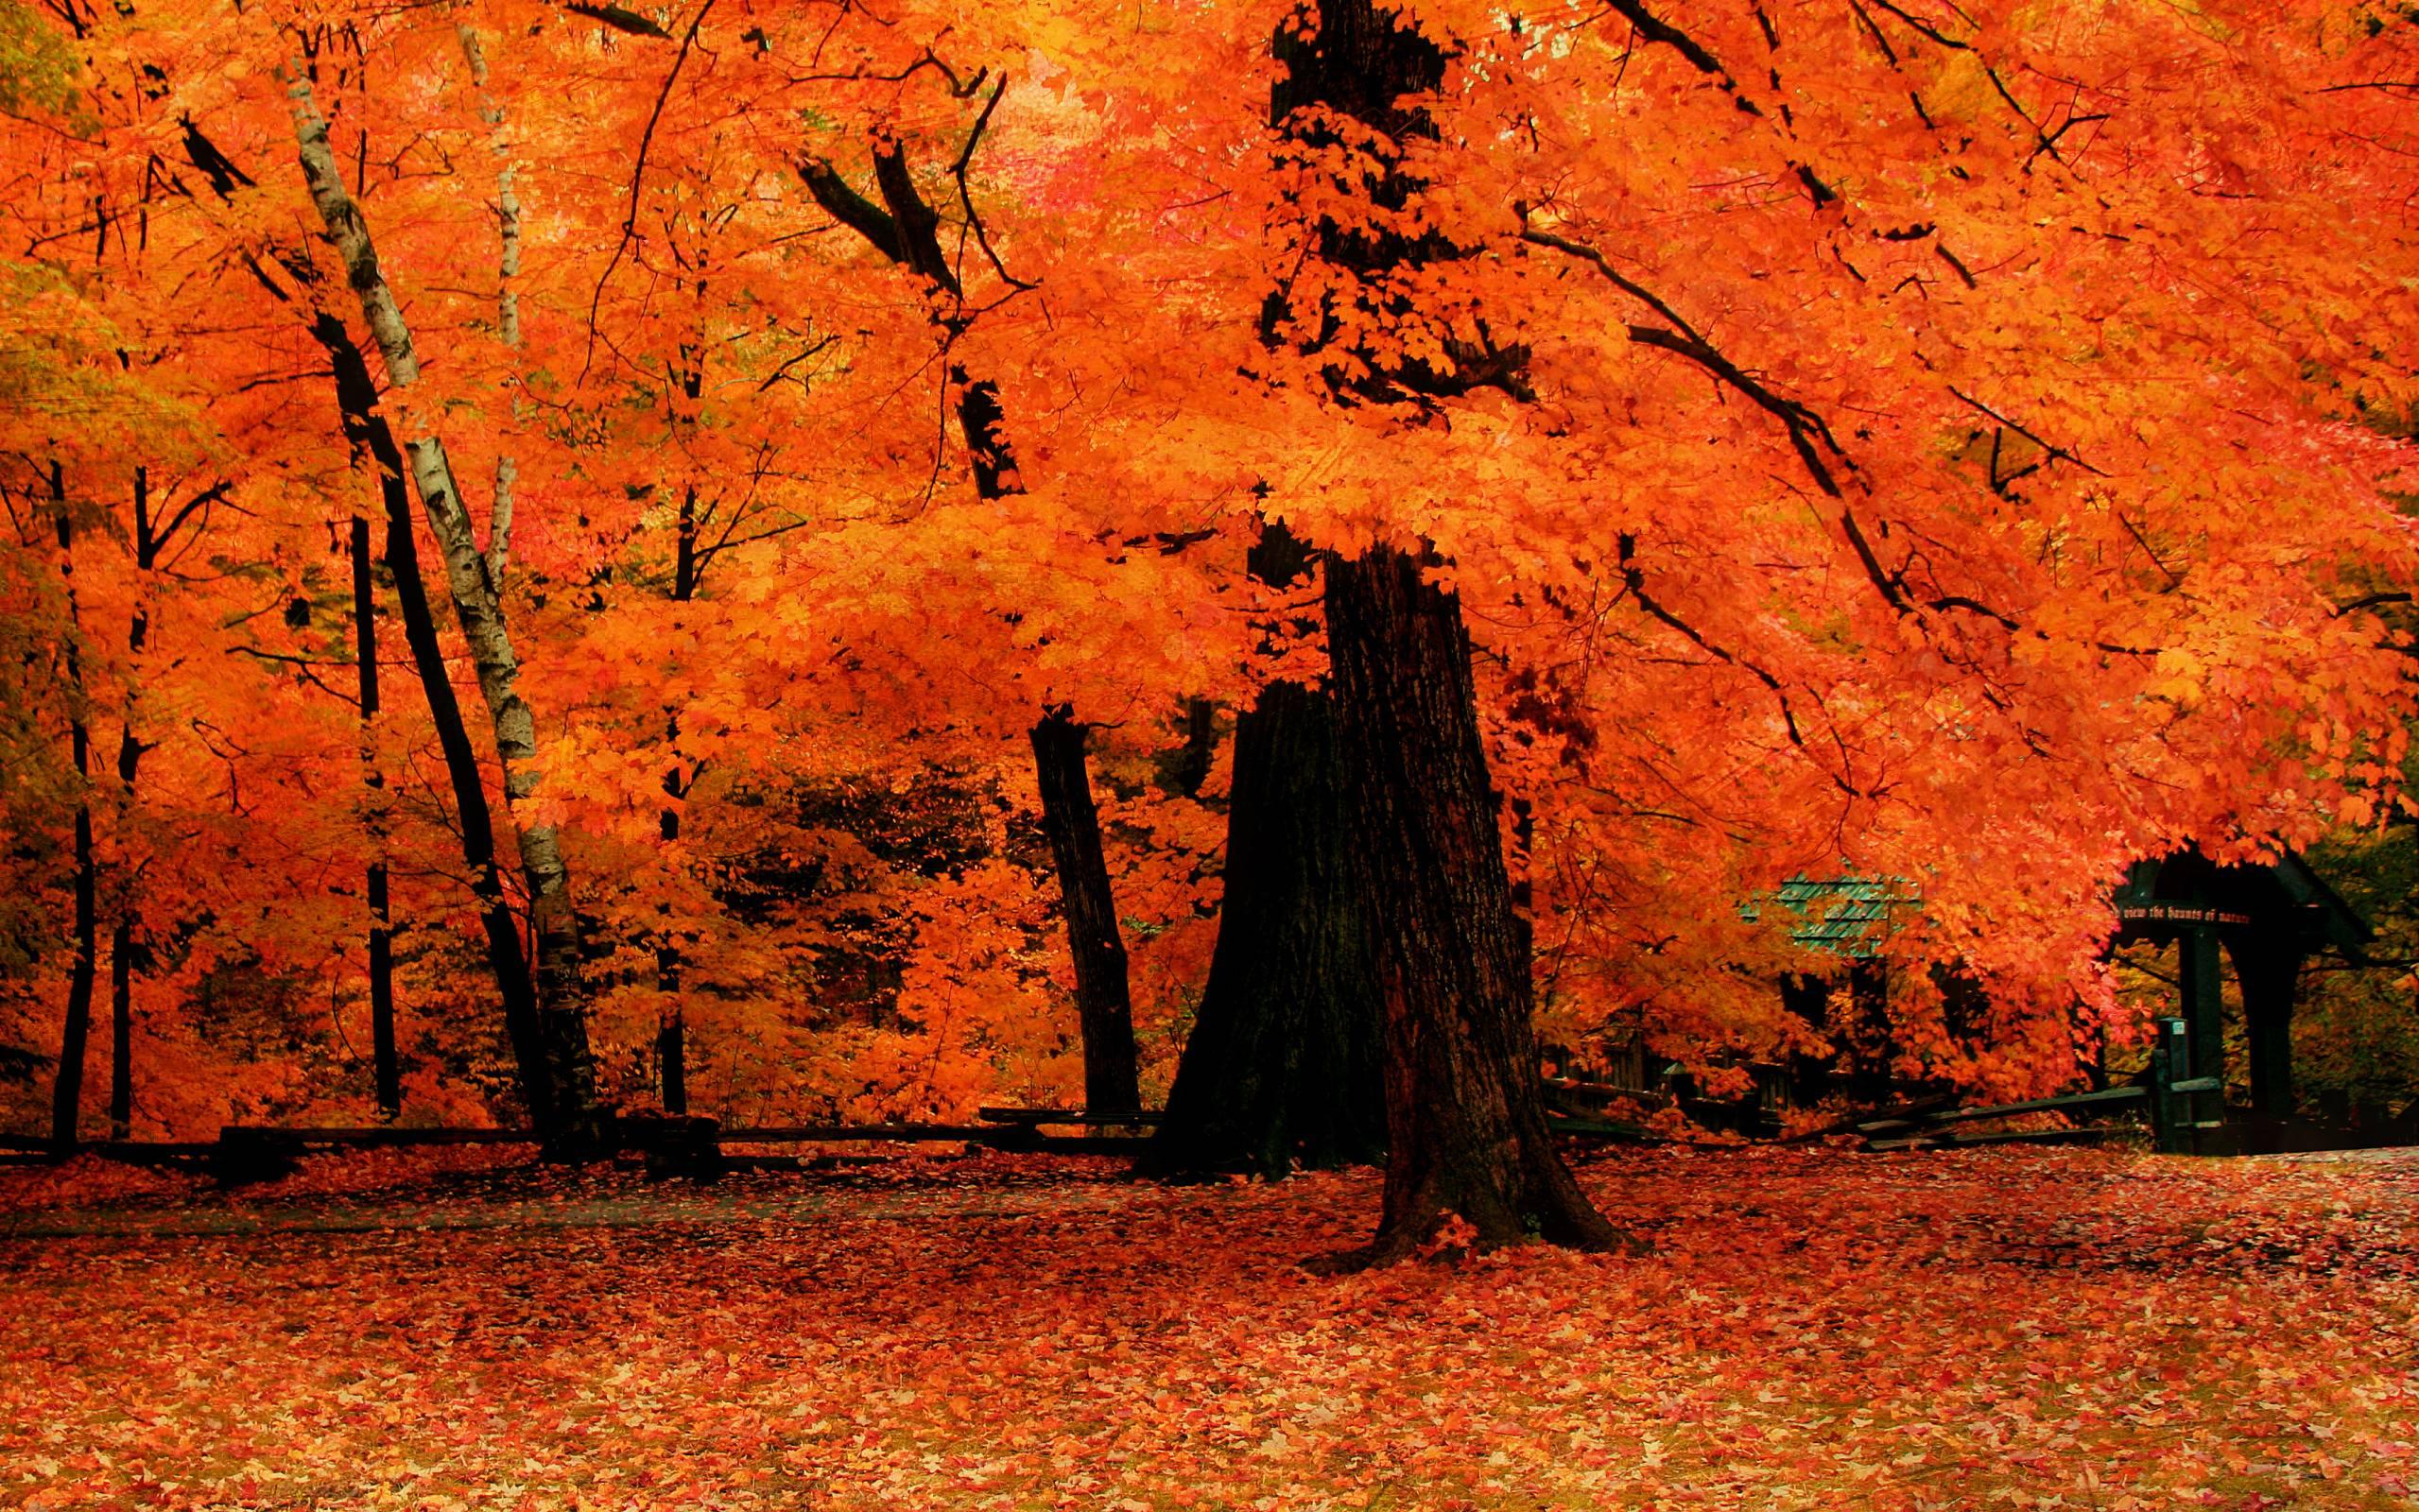 autumn wallpaper 007 free - photo #9